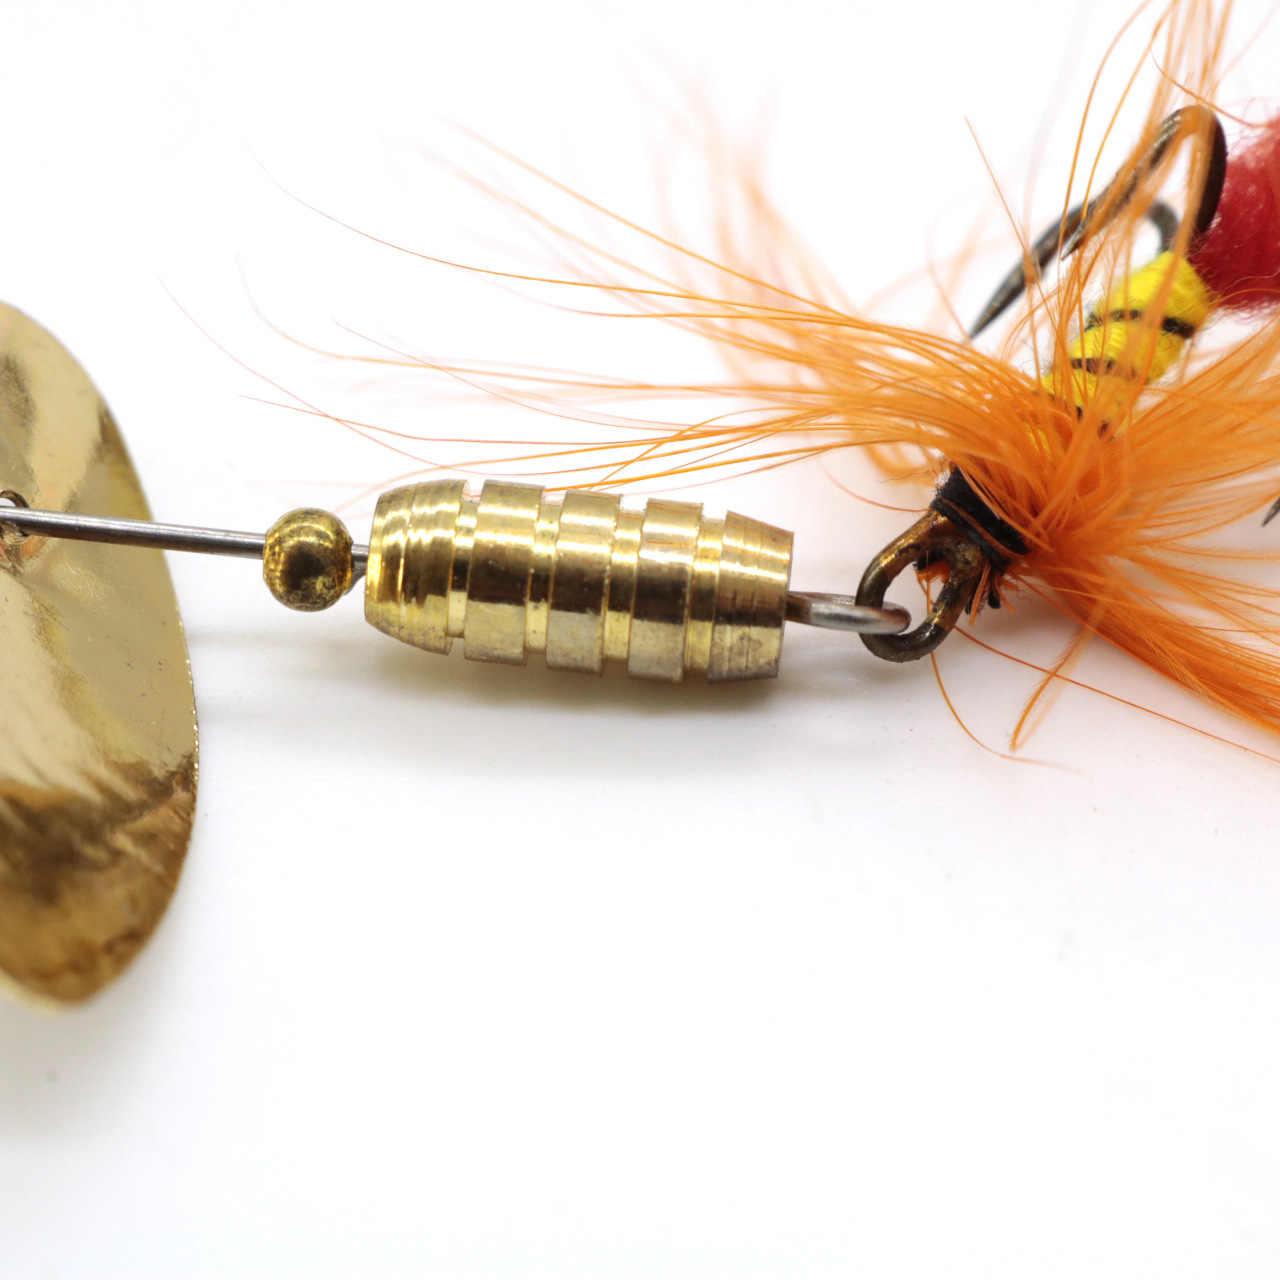 品質スパンコールスプーン釣りルアー金属スピナー羽クランクベイトフィッシングルアー餌ハード魚ルアー 2 グラム 3 グラム 4 グラム 7 グラムタックルペスカ Iscas